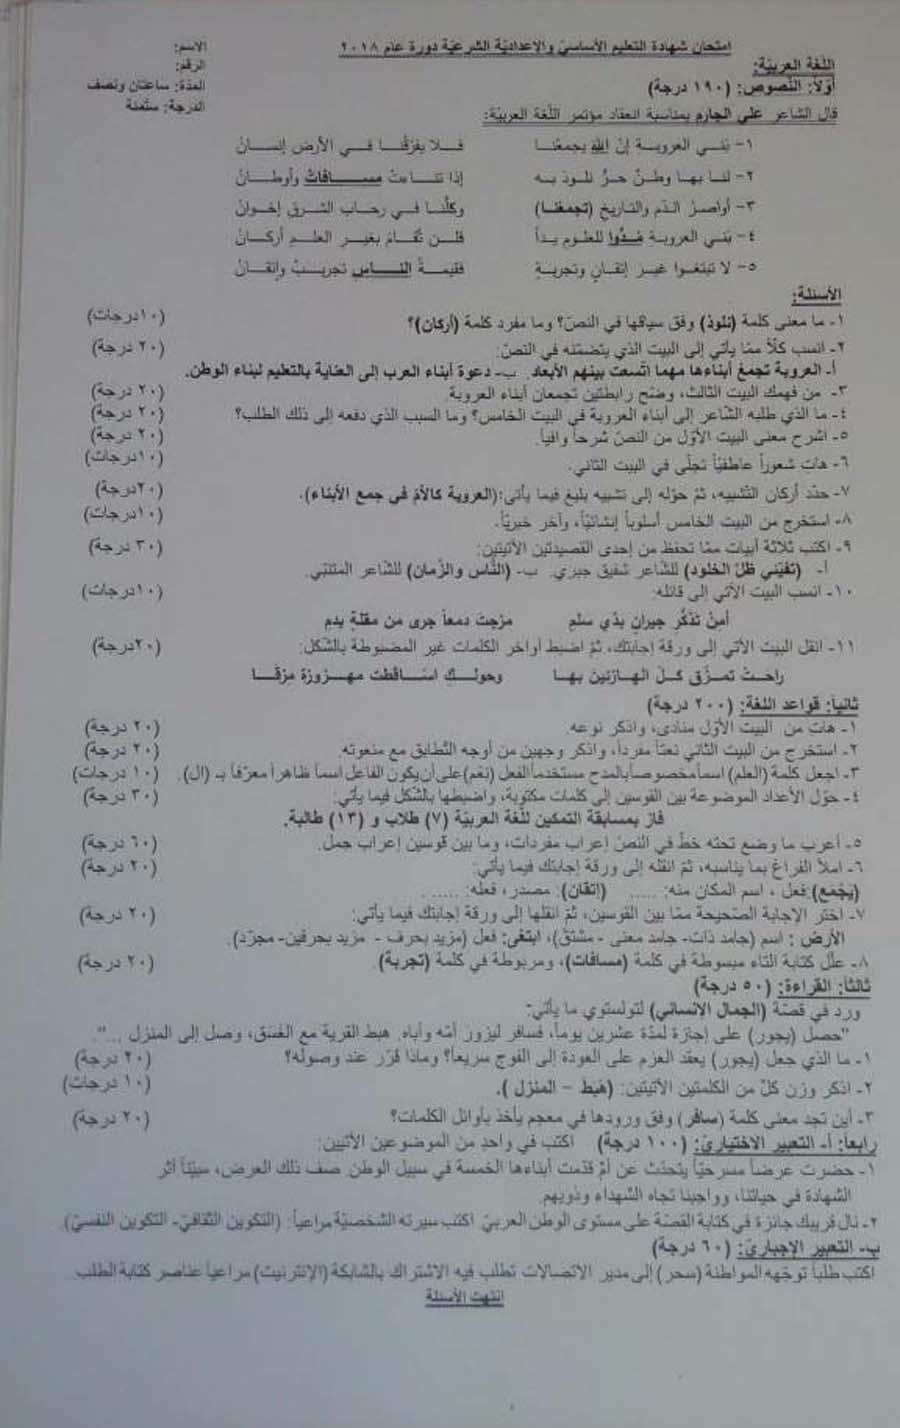 دير الزور ورقة اسئلة اللغة العربية للامتحان النهائي لطلاب شهادة التعليم الأساسي 2018 - التاسع سوريا